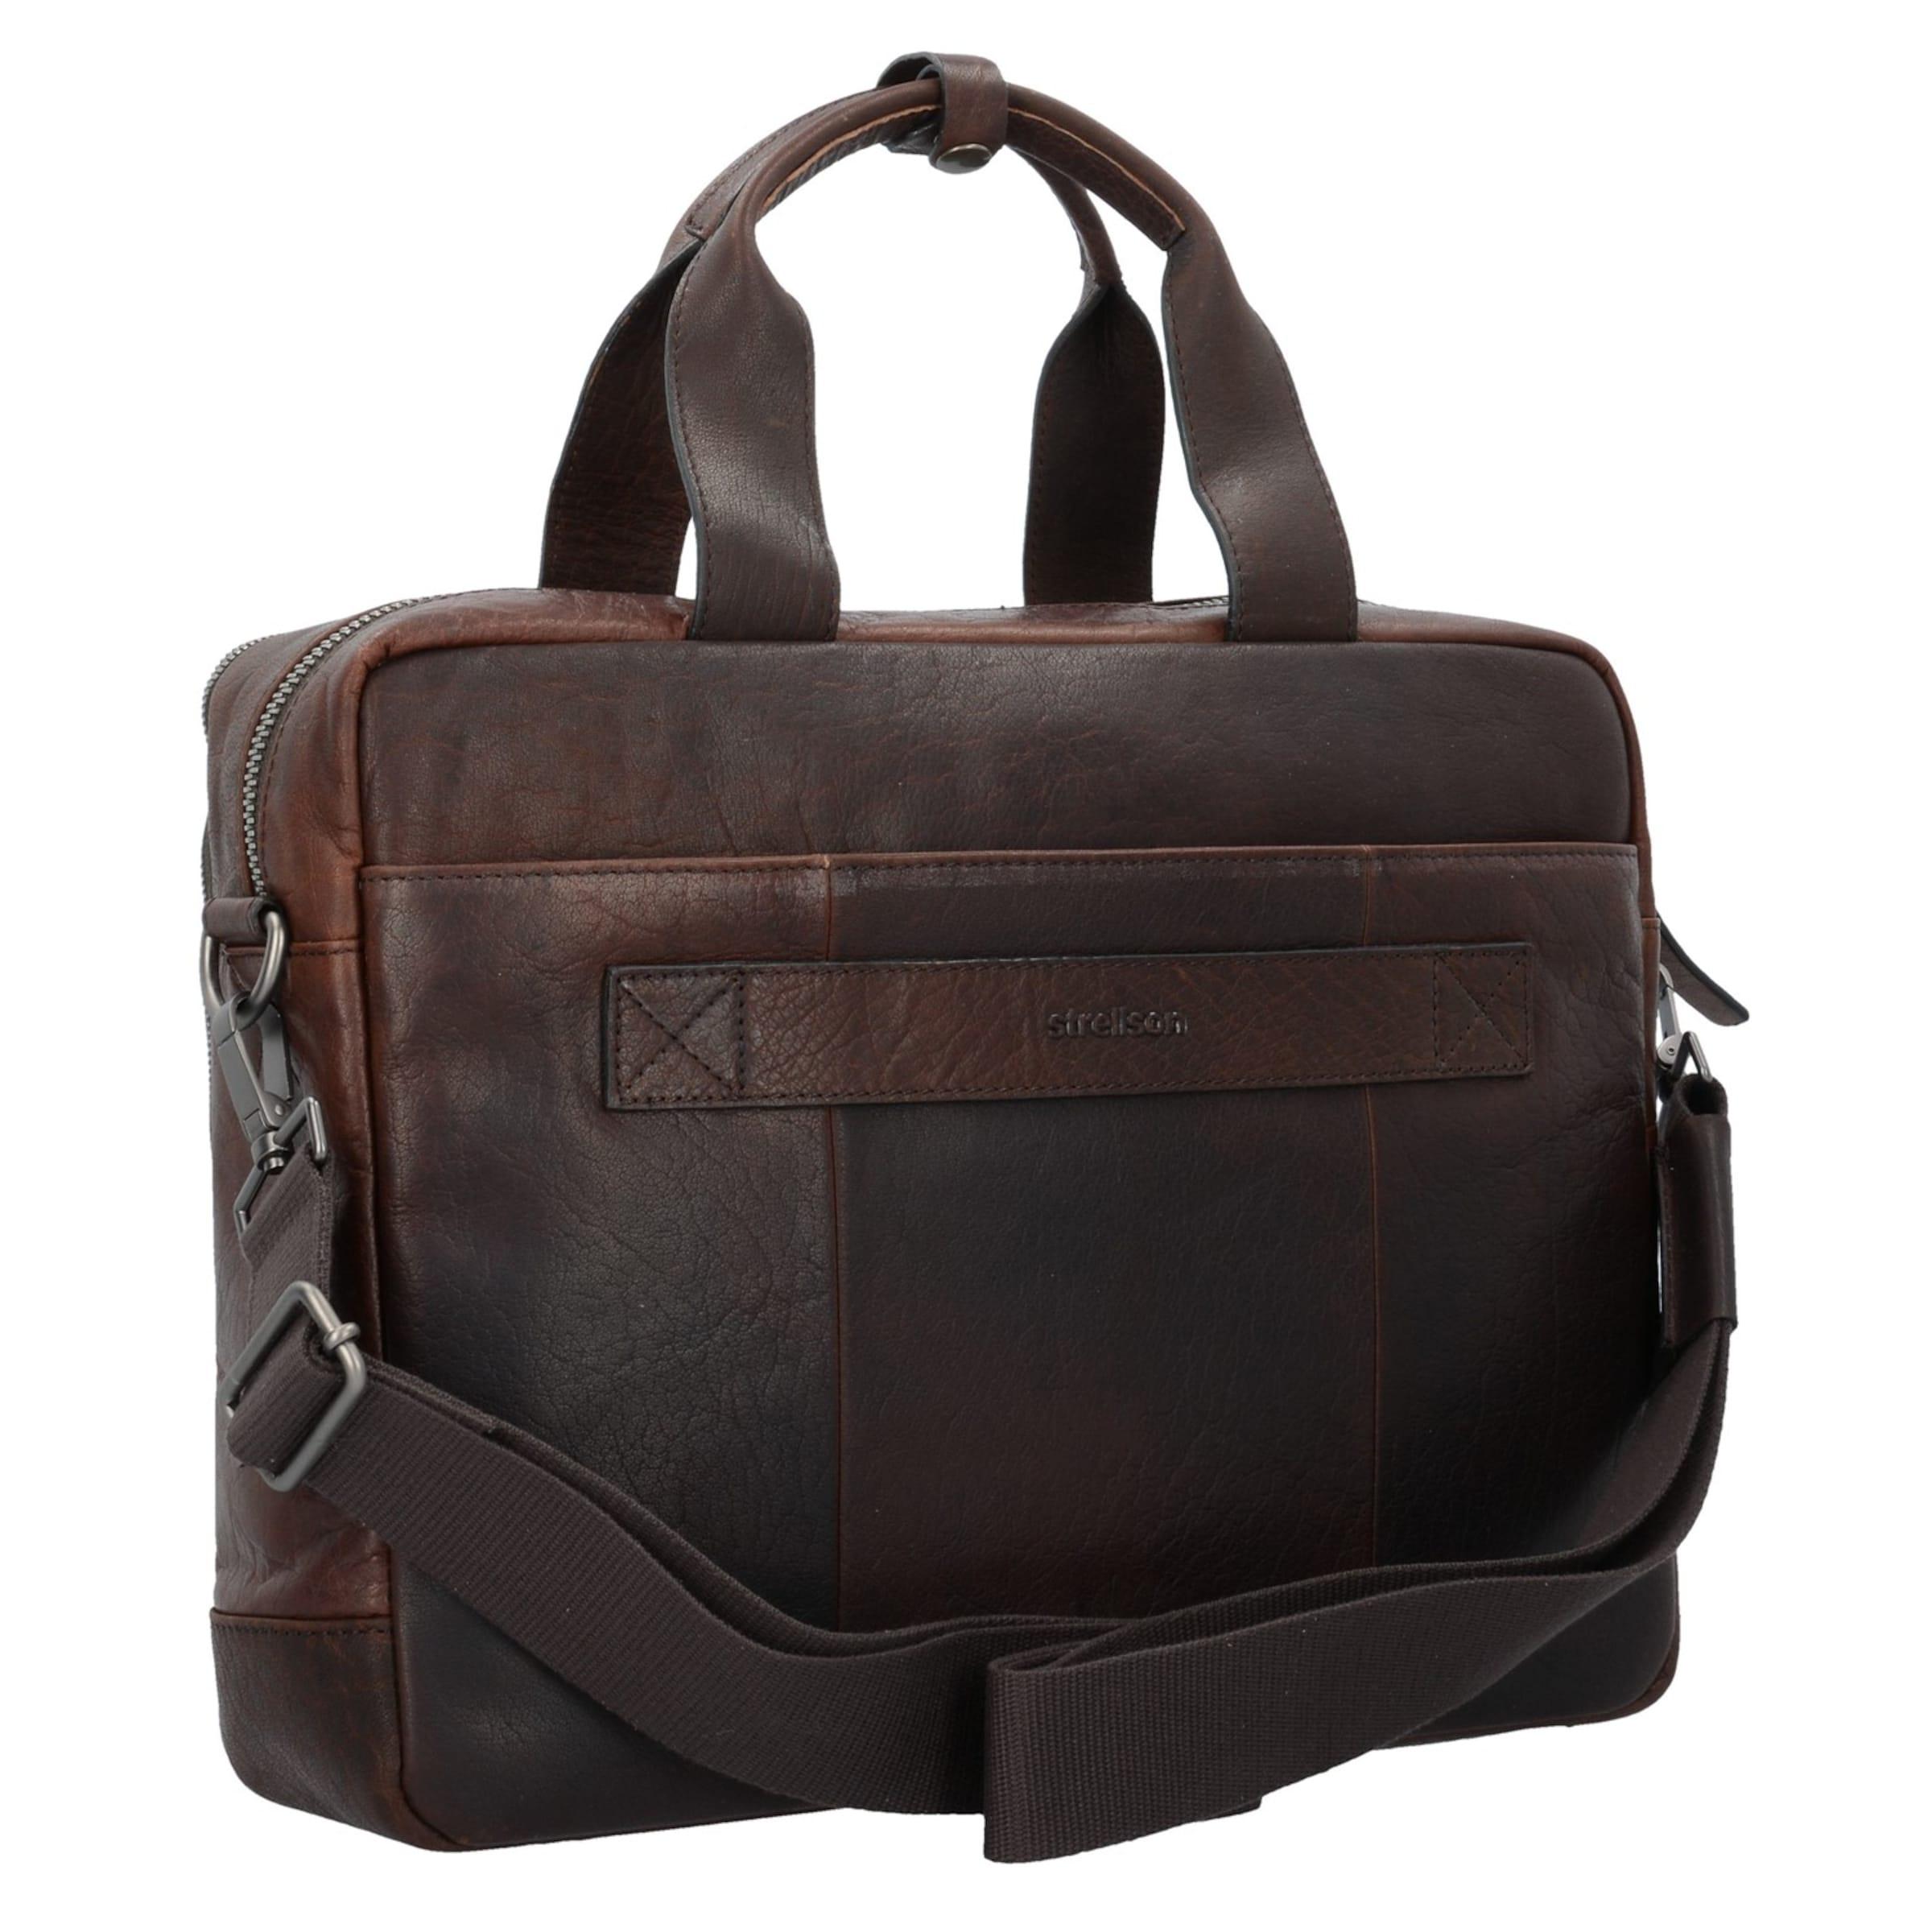 Freies Verschiffen Niedrig Kosten STRELLSON Coleman Aktentasche Leder 38 cm Laptopfach Ausverkaufs-Shop Rabatte Online N8mgq2